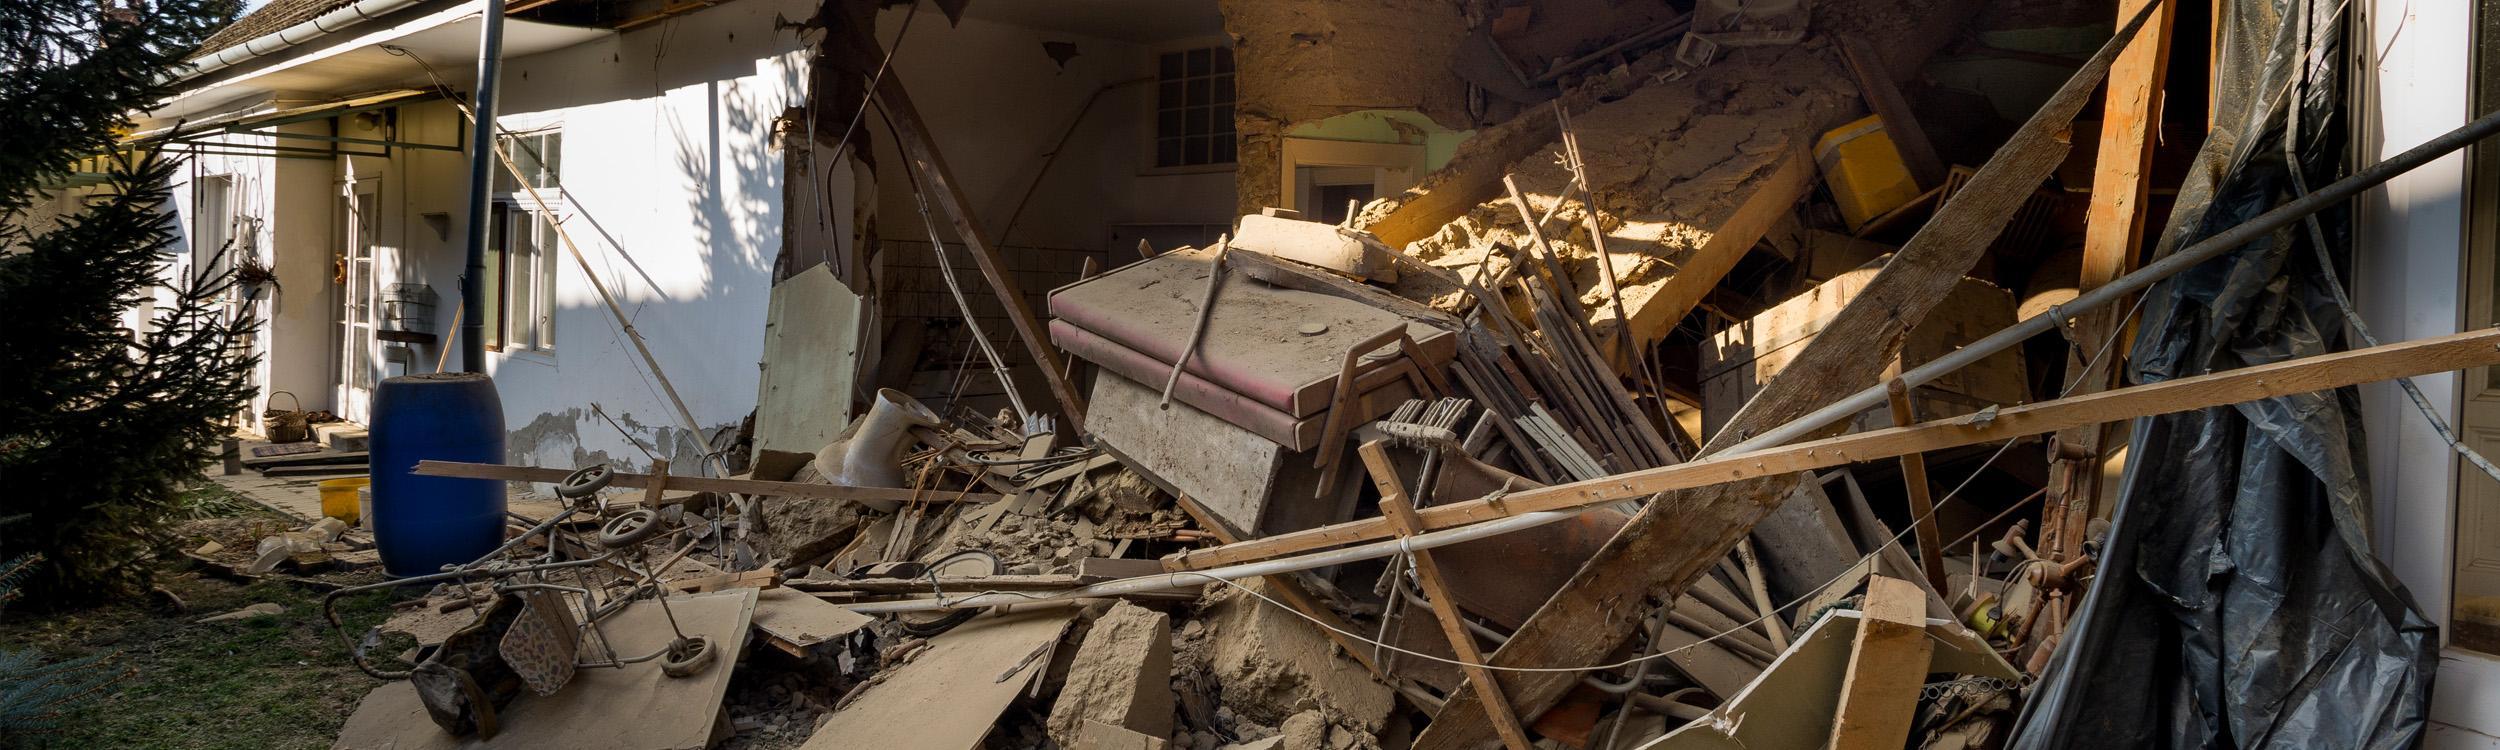 Apollo Earthquake Insurance